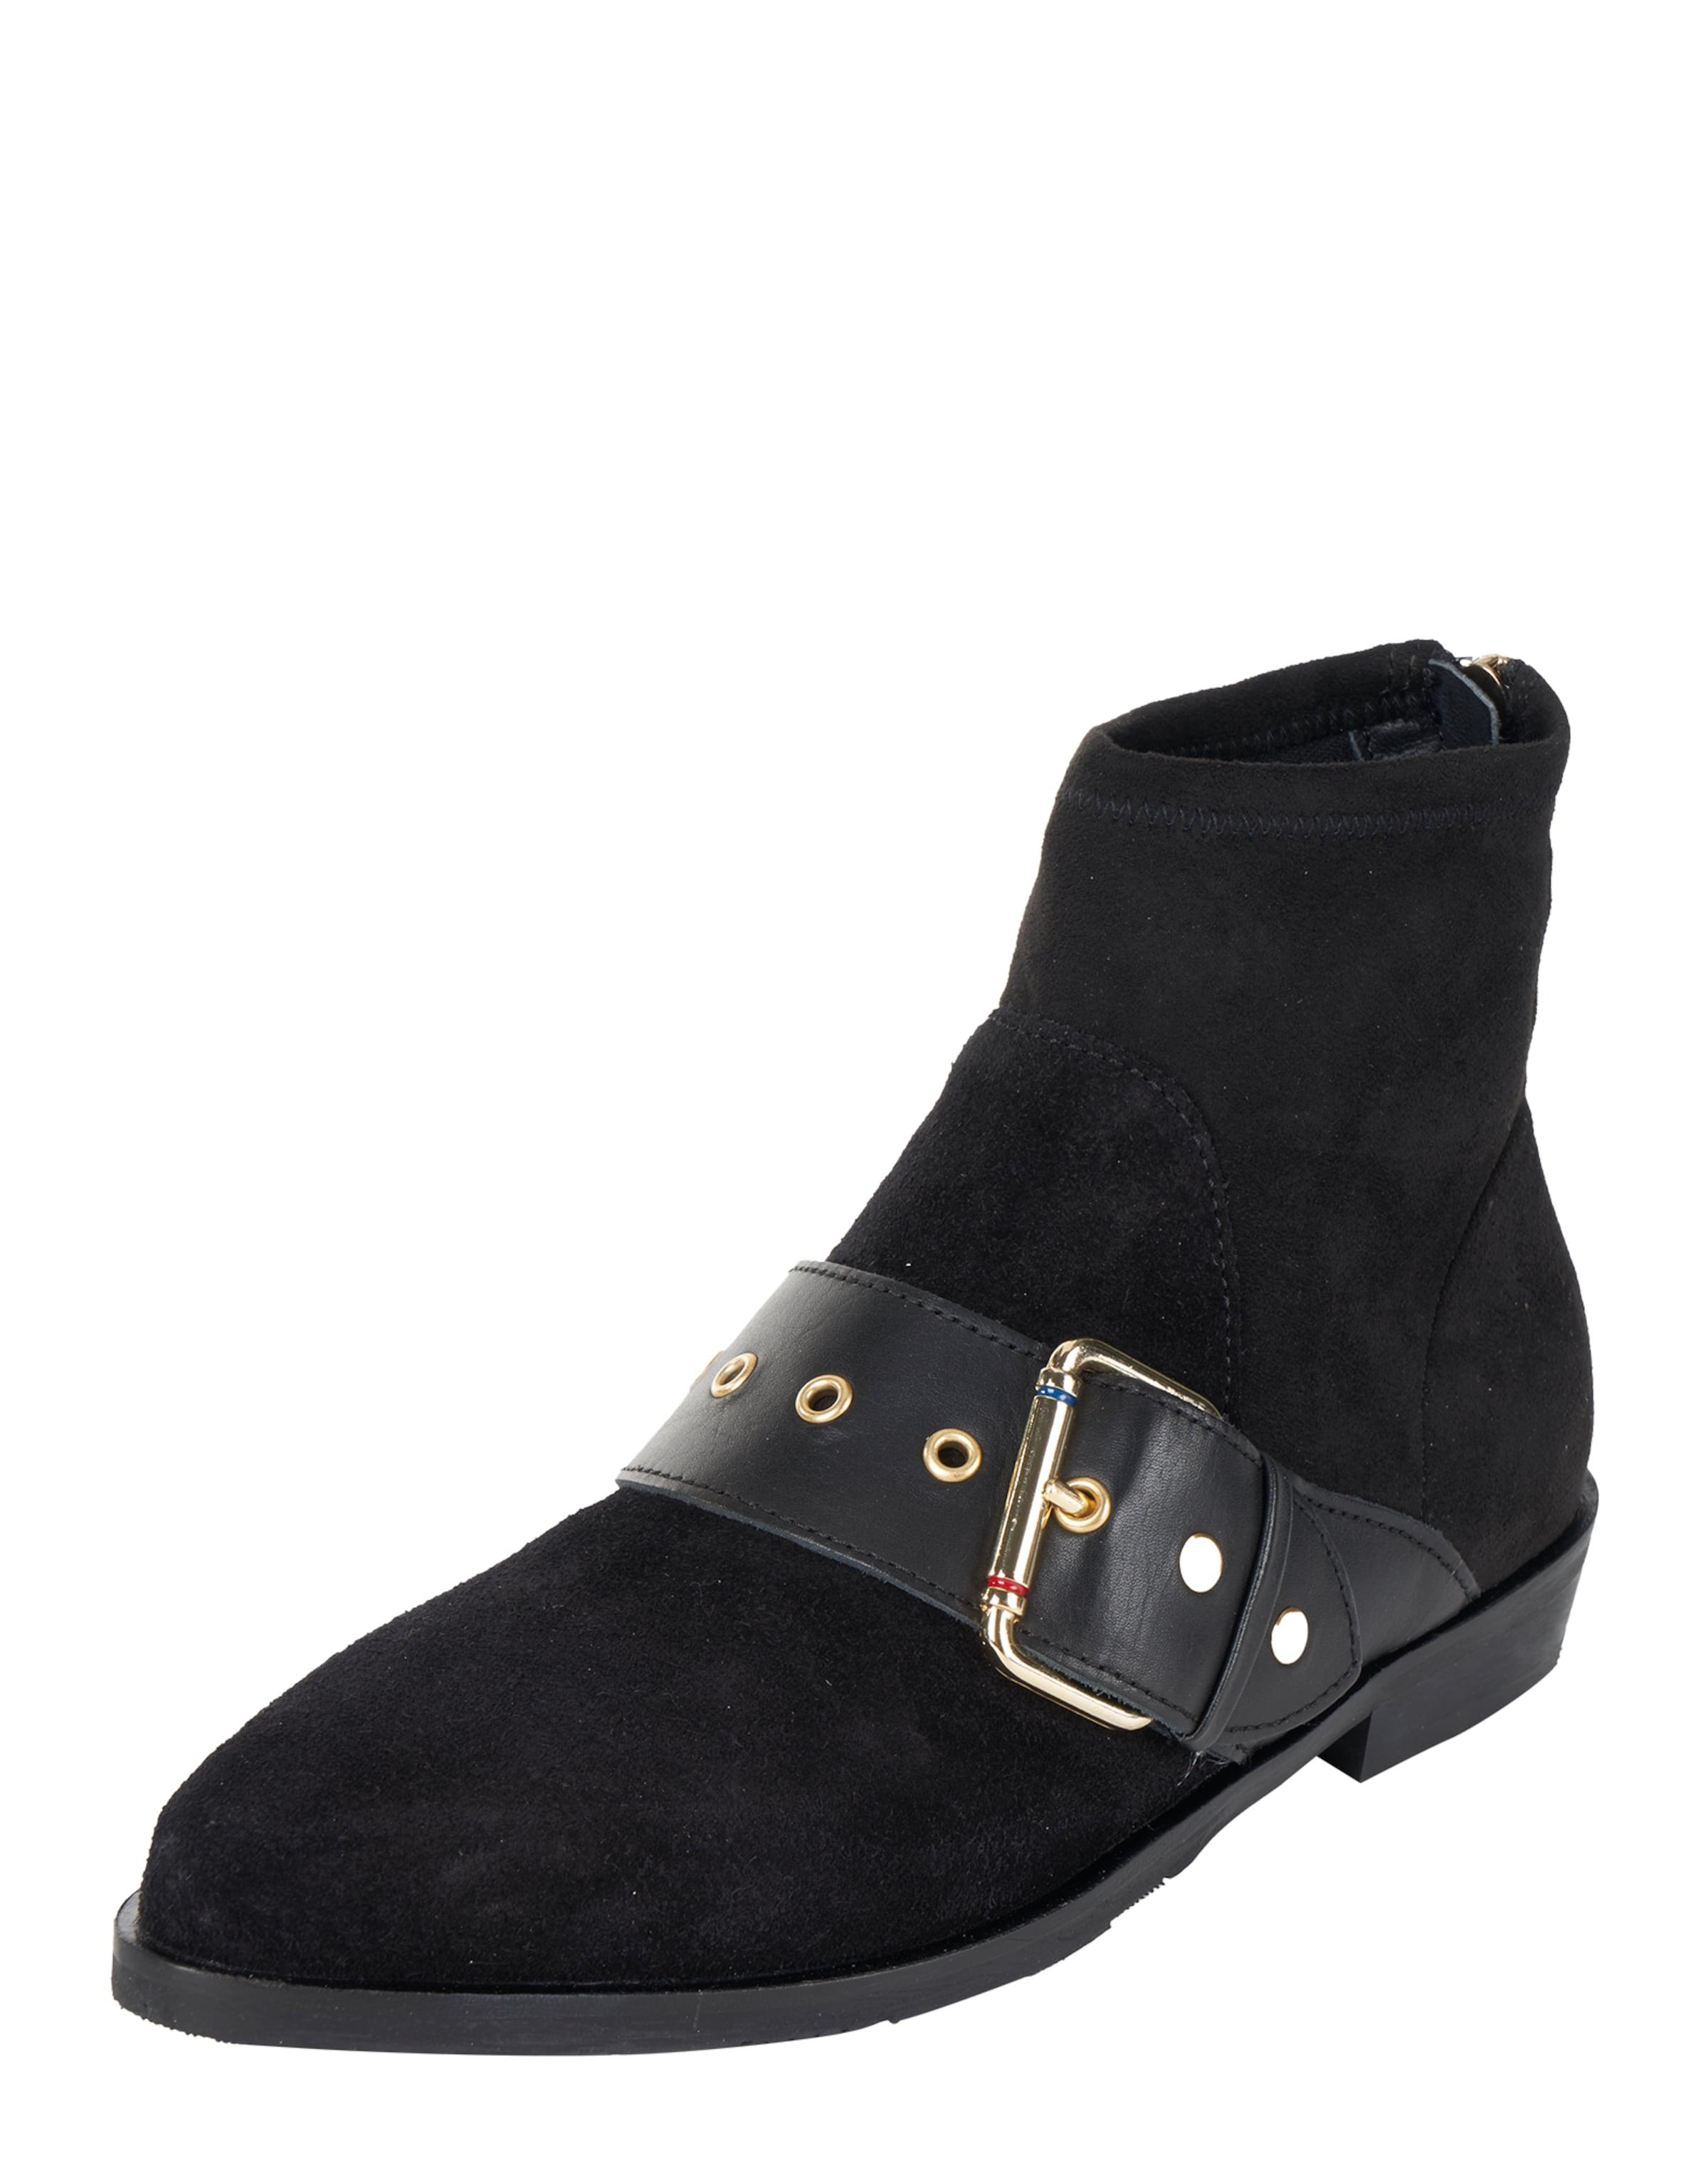 TOMMY HILFIGER | Stiefeletten 'Gigi Hadid' Schuhe Gut getragene Schuhe